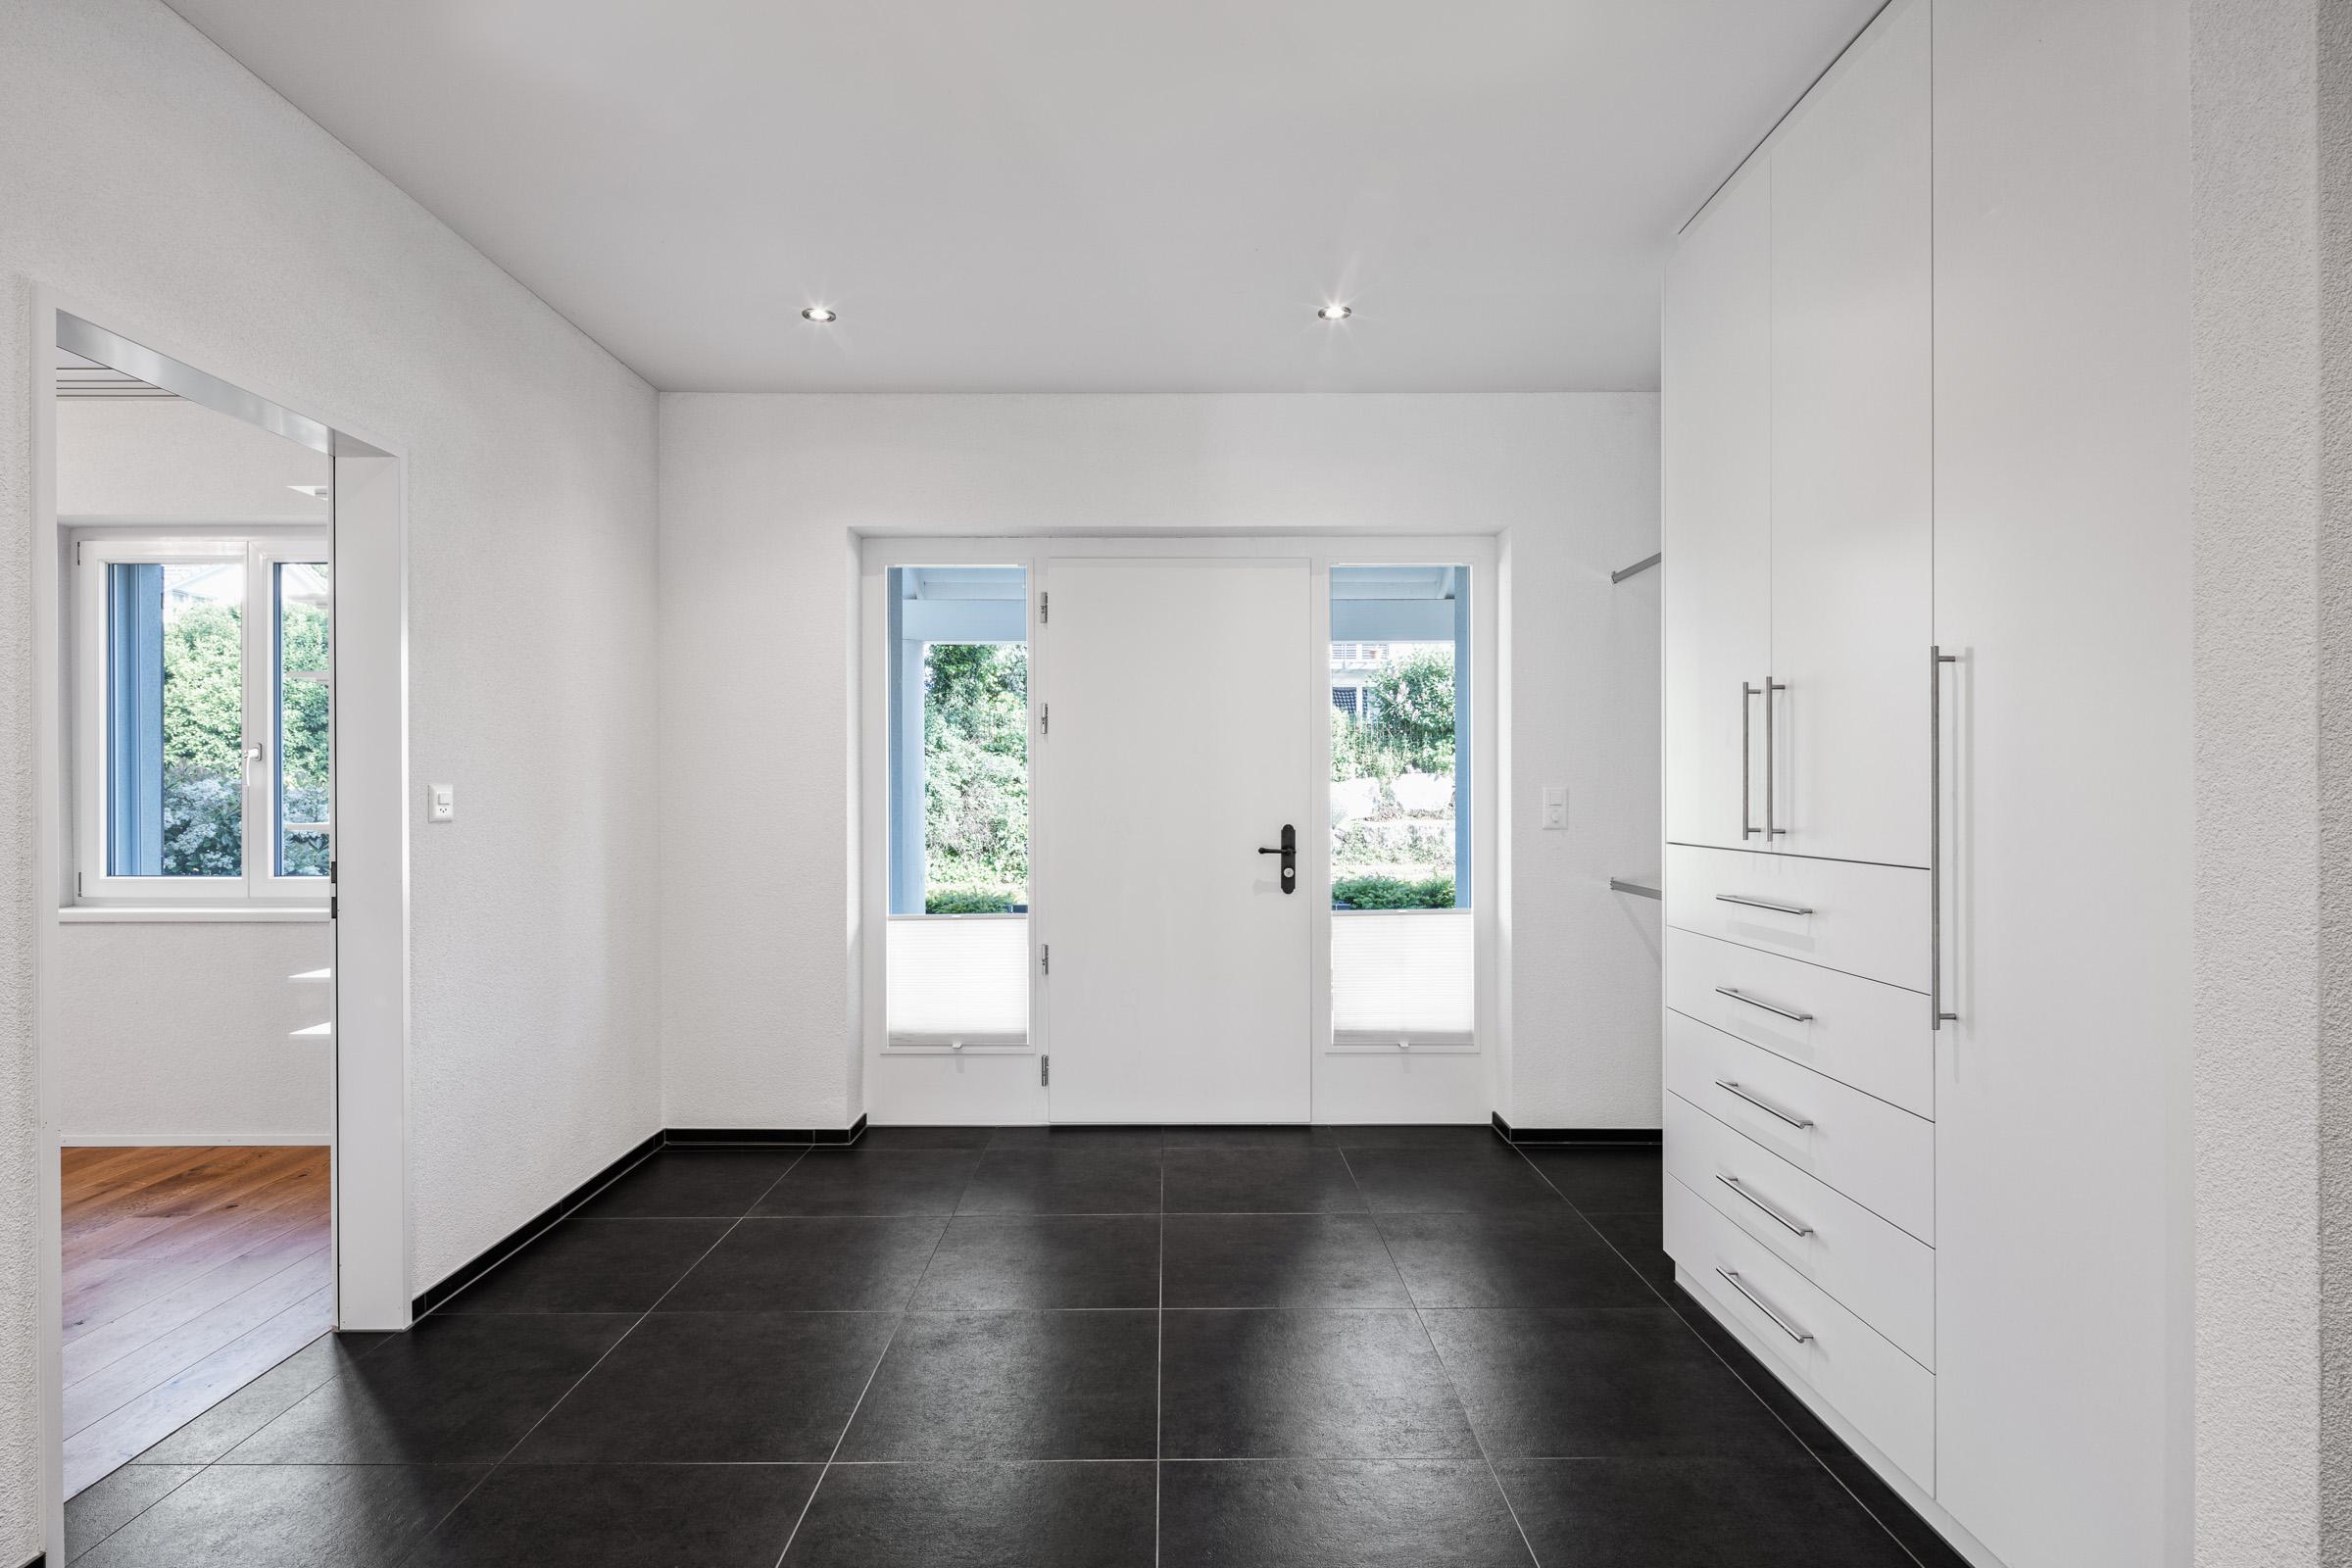 19-112 - Lieblingshaus.ch Silvia Konrad - Landhaus Braunau--8.jpg